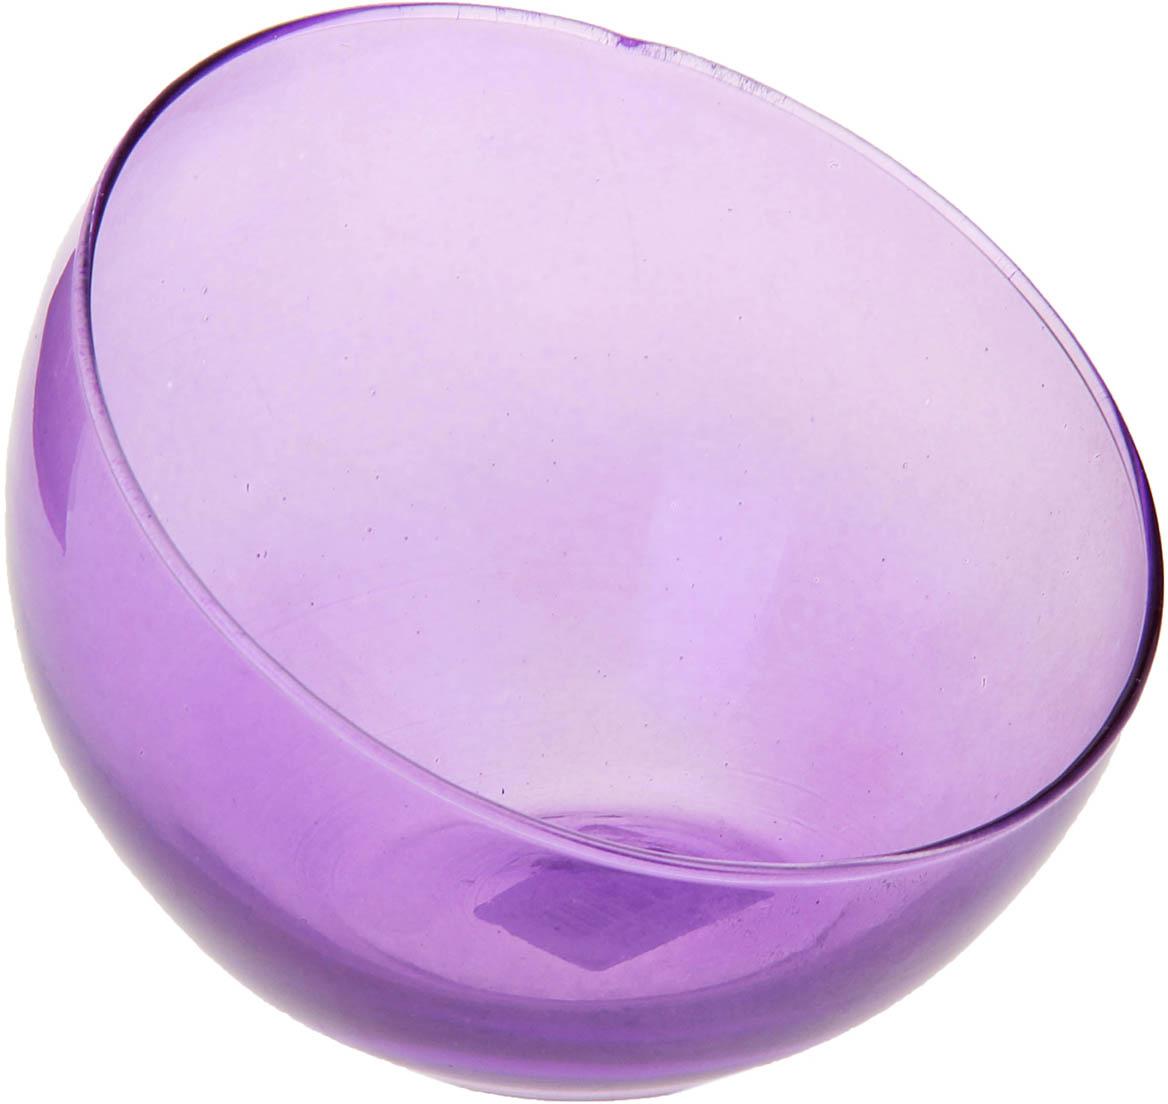 Ваза-шар Evis Анабель, косой срез, цвет: сиреневый, 800 мл ваза шар evis сиреневый мираж цвет сиреневый 3 л